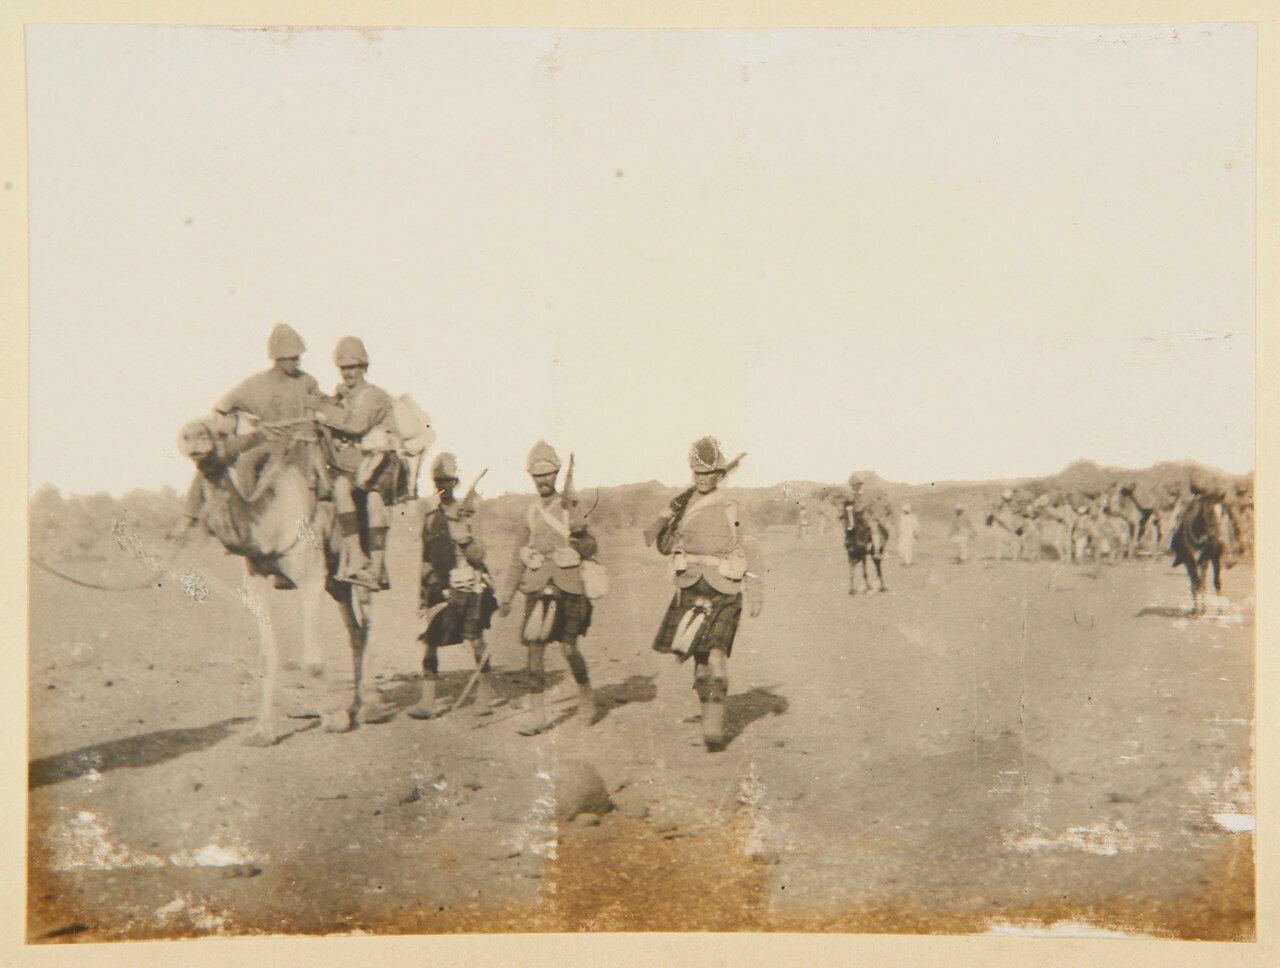 Август 1898. Собственный королевский Камерон-хайлендерский полк  покидает Вад Хамид